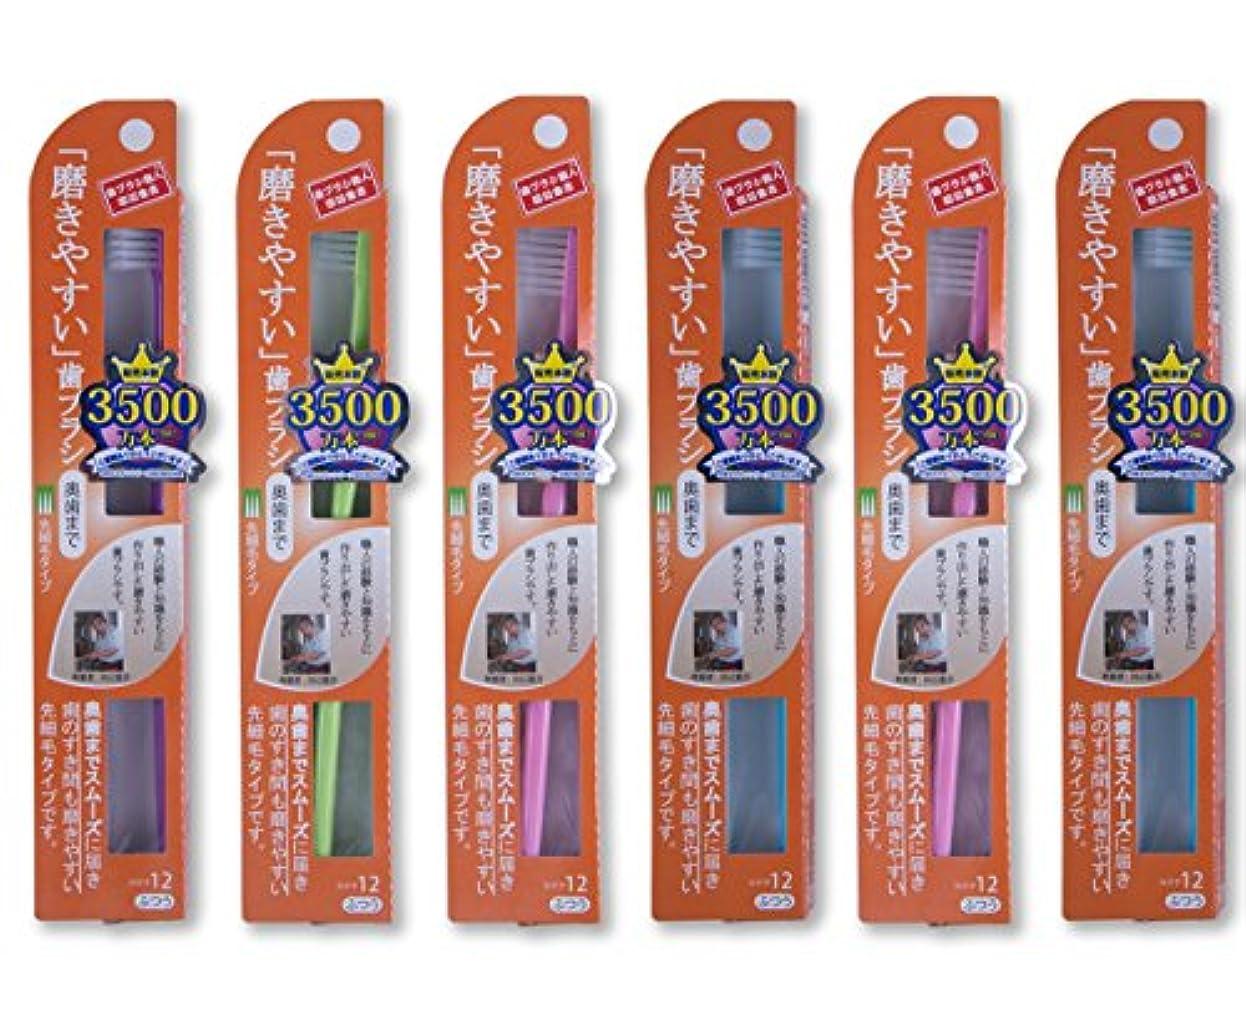 皿取り扱い添付歯ブラシ職人 Artooth® 田辺重吉  日本製 磨きやすい歯ブラシ(奥歯まで)先細 LT-12 (6本入)